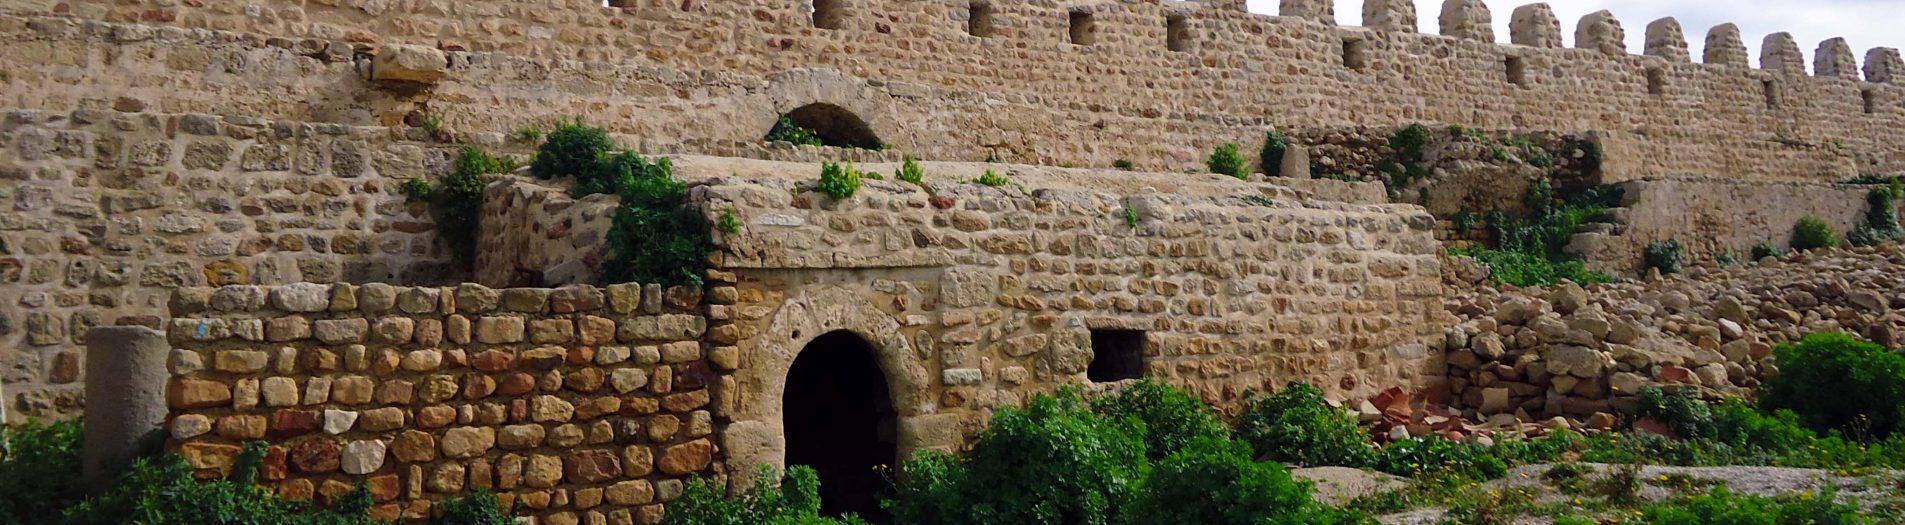 Le fort de Kélibia